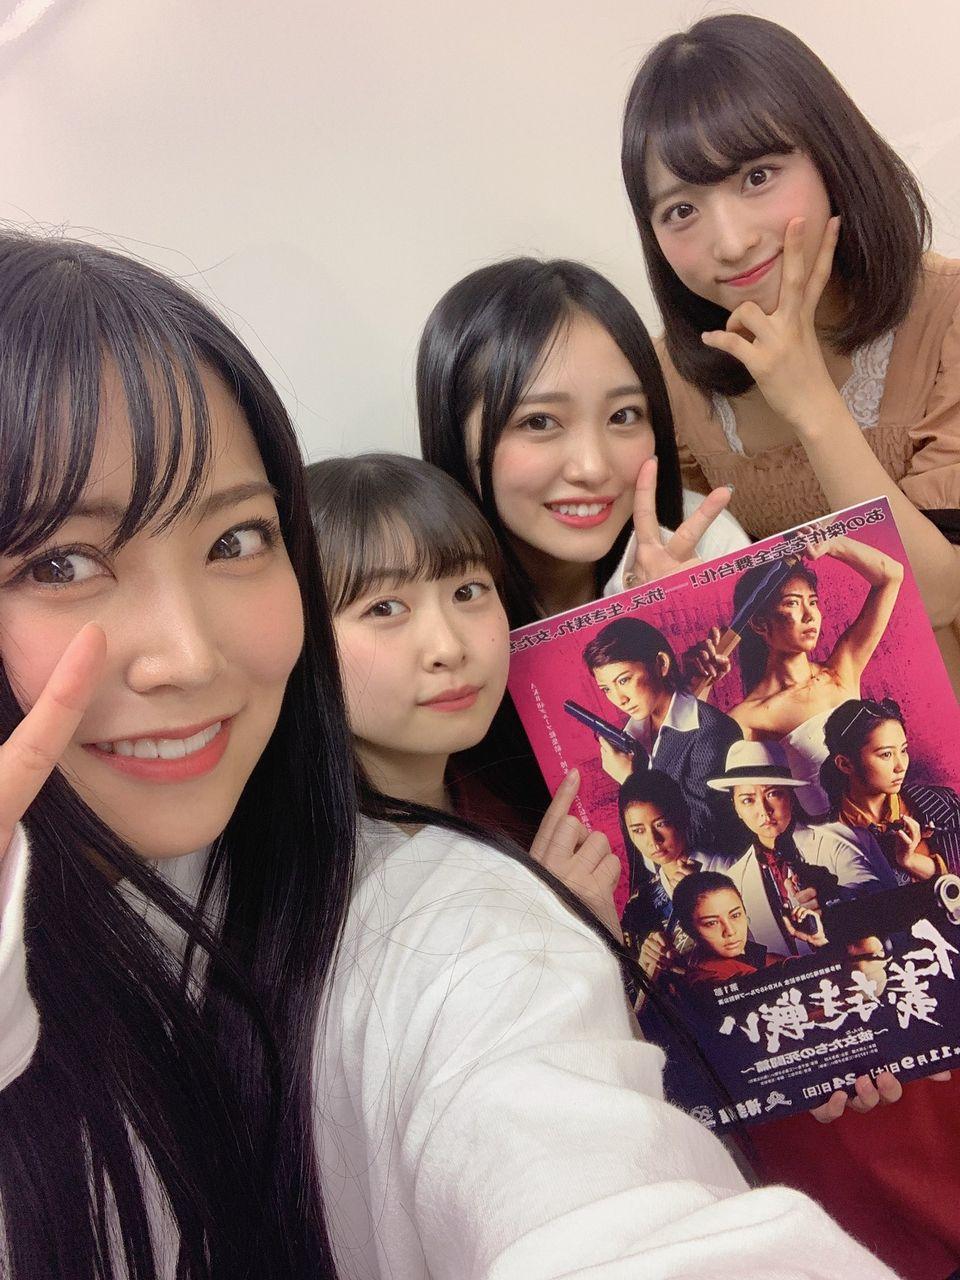 【AKB48】小栗有以さん、白間美瑠にツッコまれてしまうw